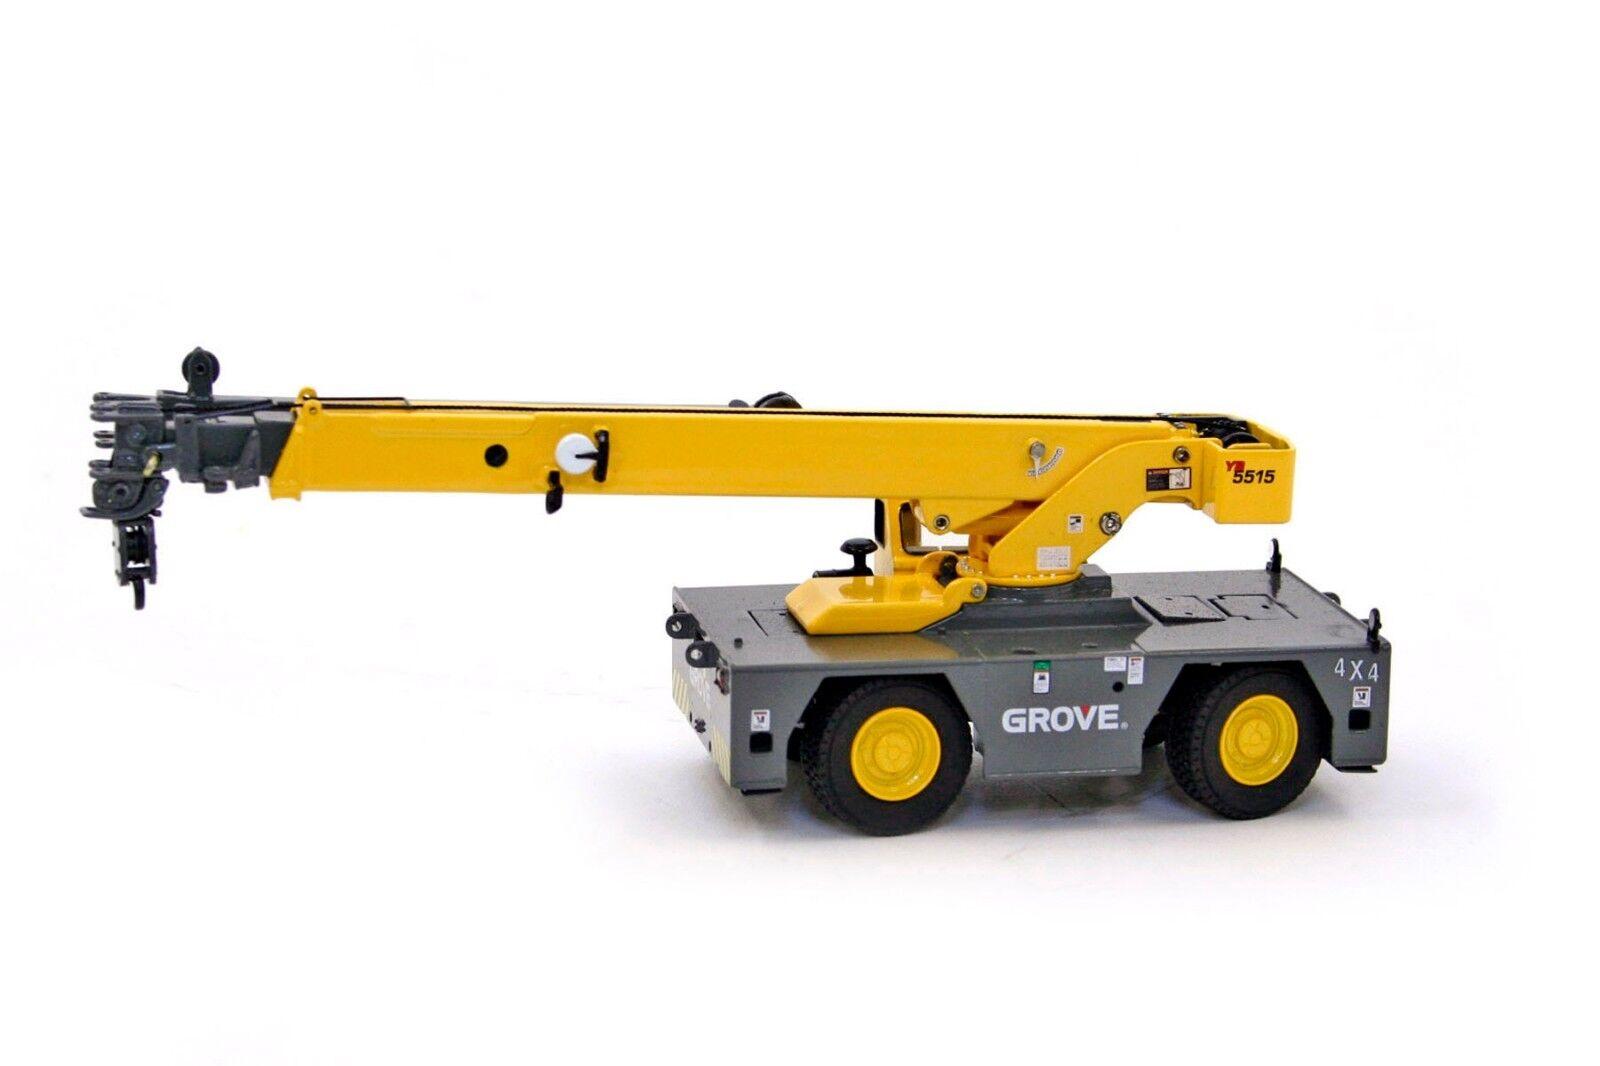 Grove YB5515 Industrial Yard Crane - 1 50 - TWH  028-01075